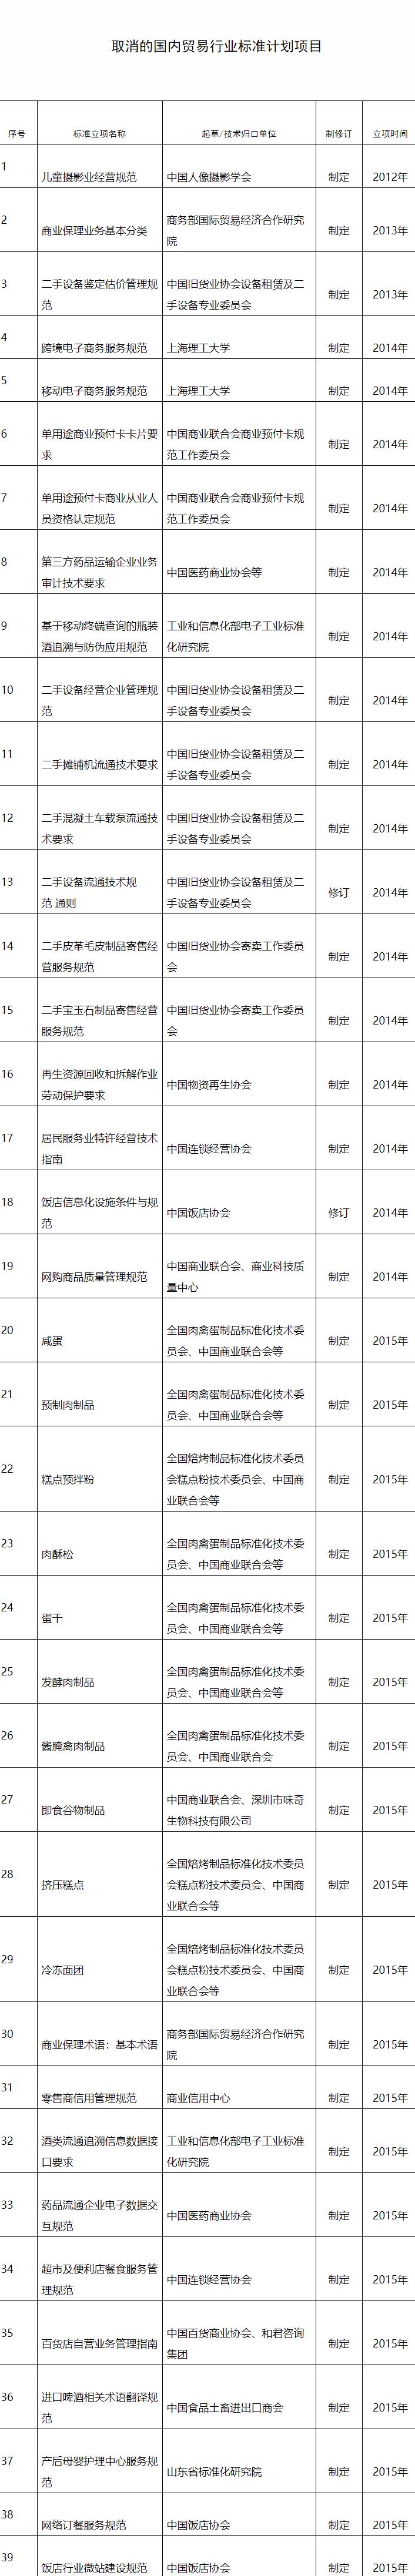 商务部:作废预制肉成品等39项国内贸易走业标准计划项现在